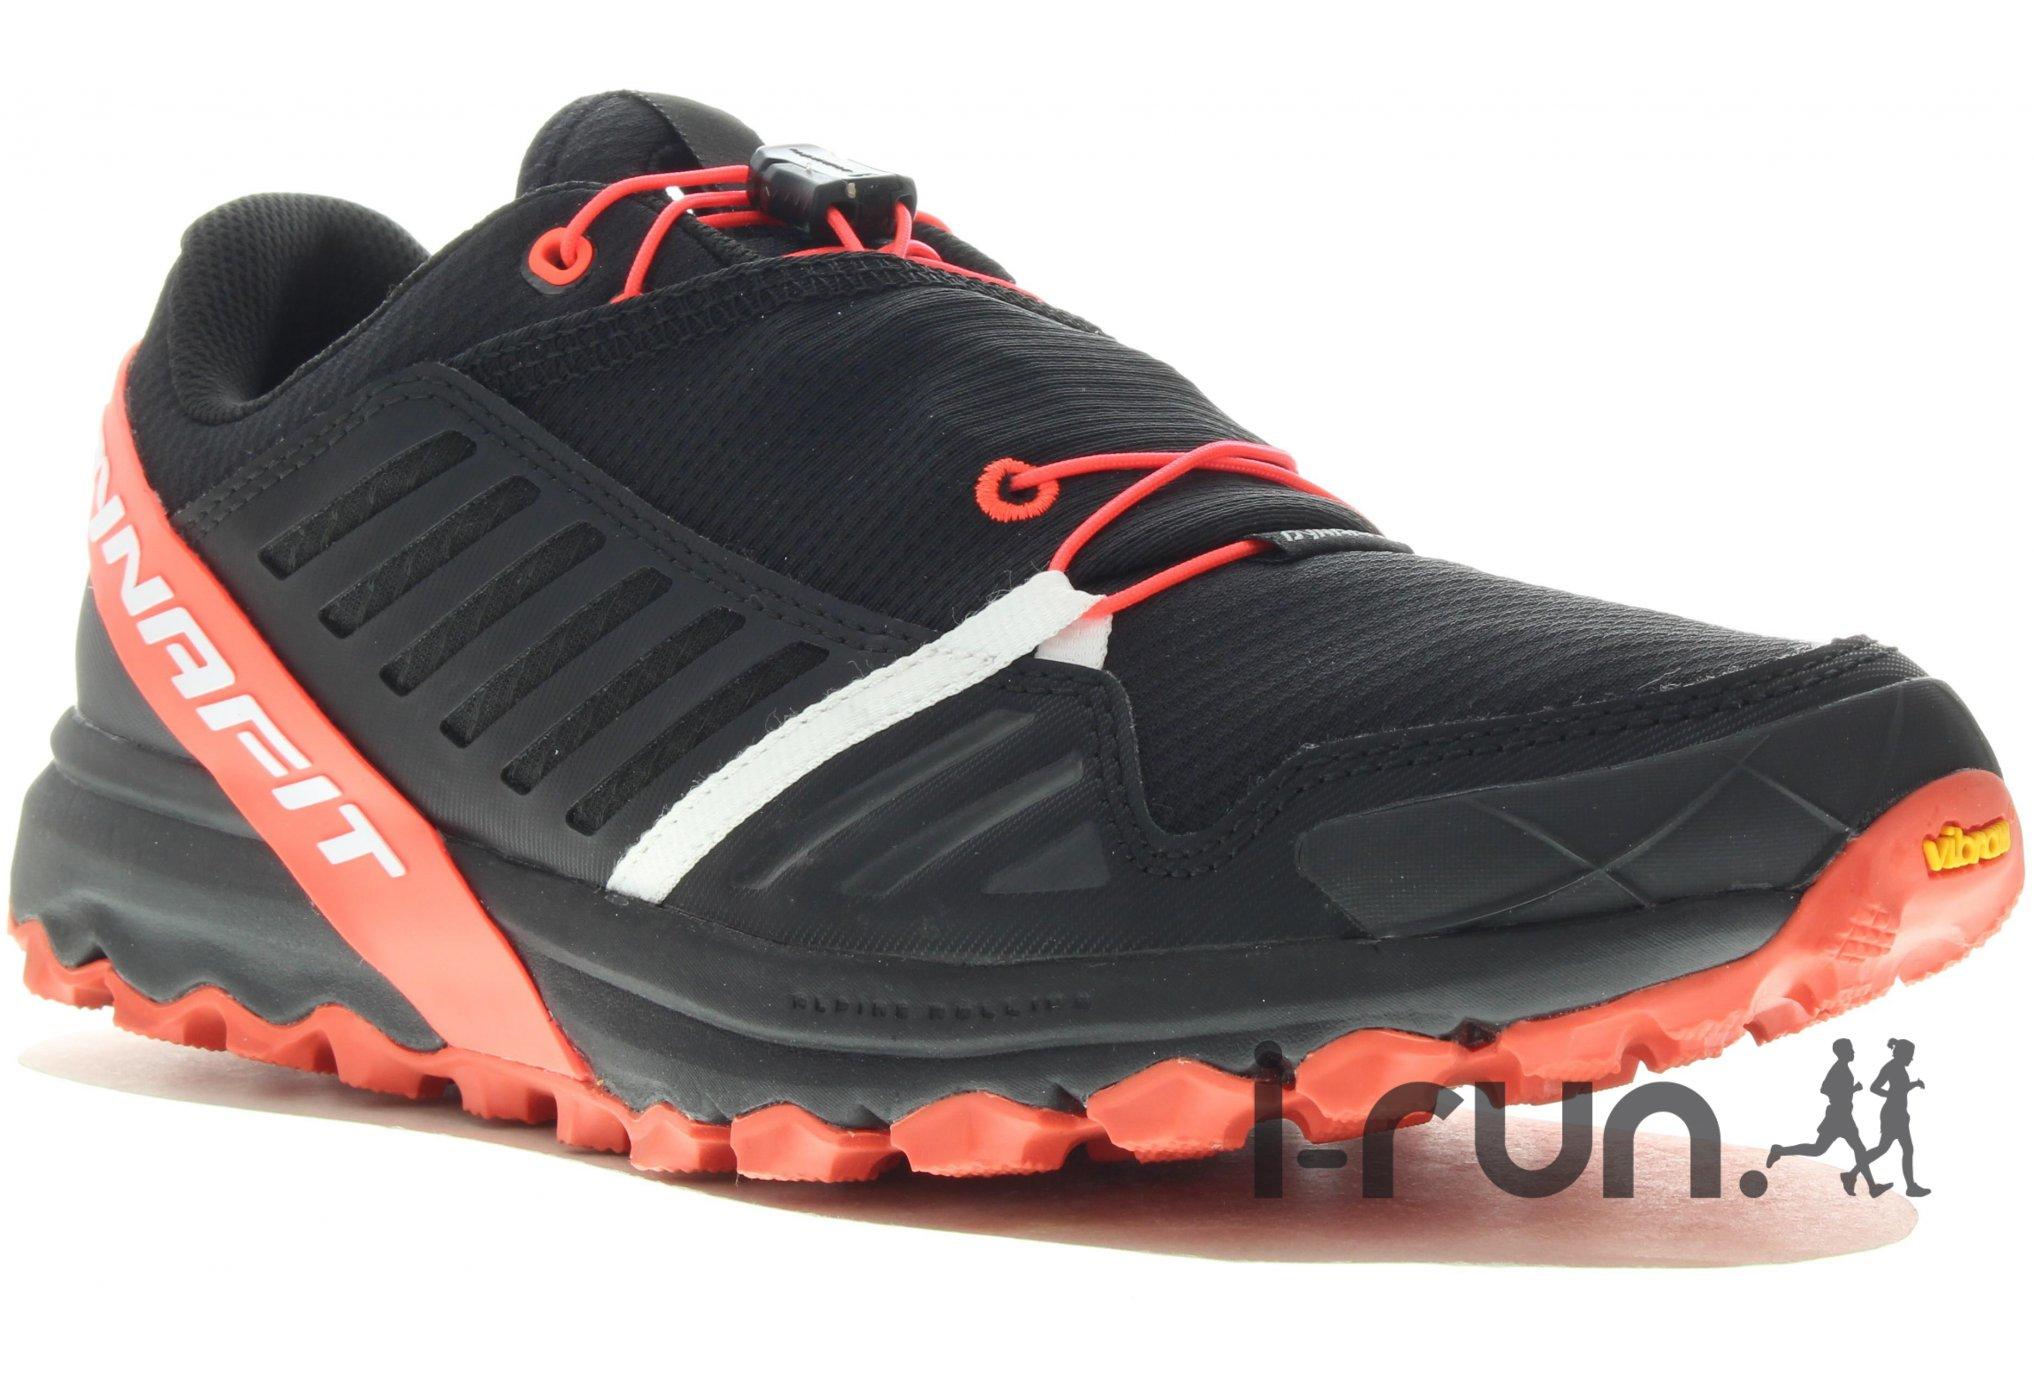 Dynafit Alpine pro w diététique chaussures femme